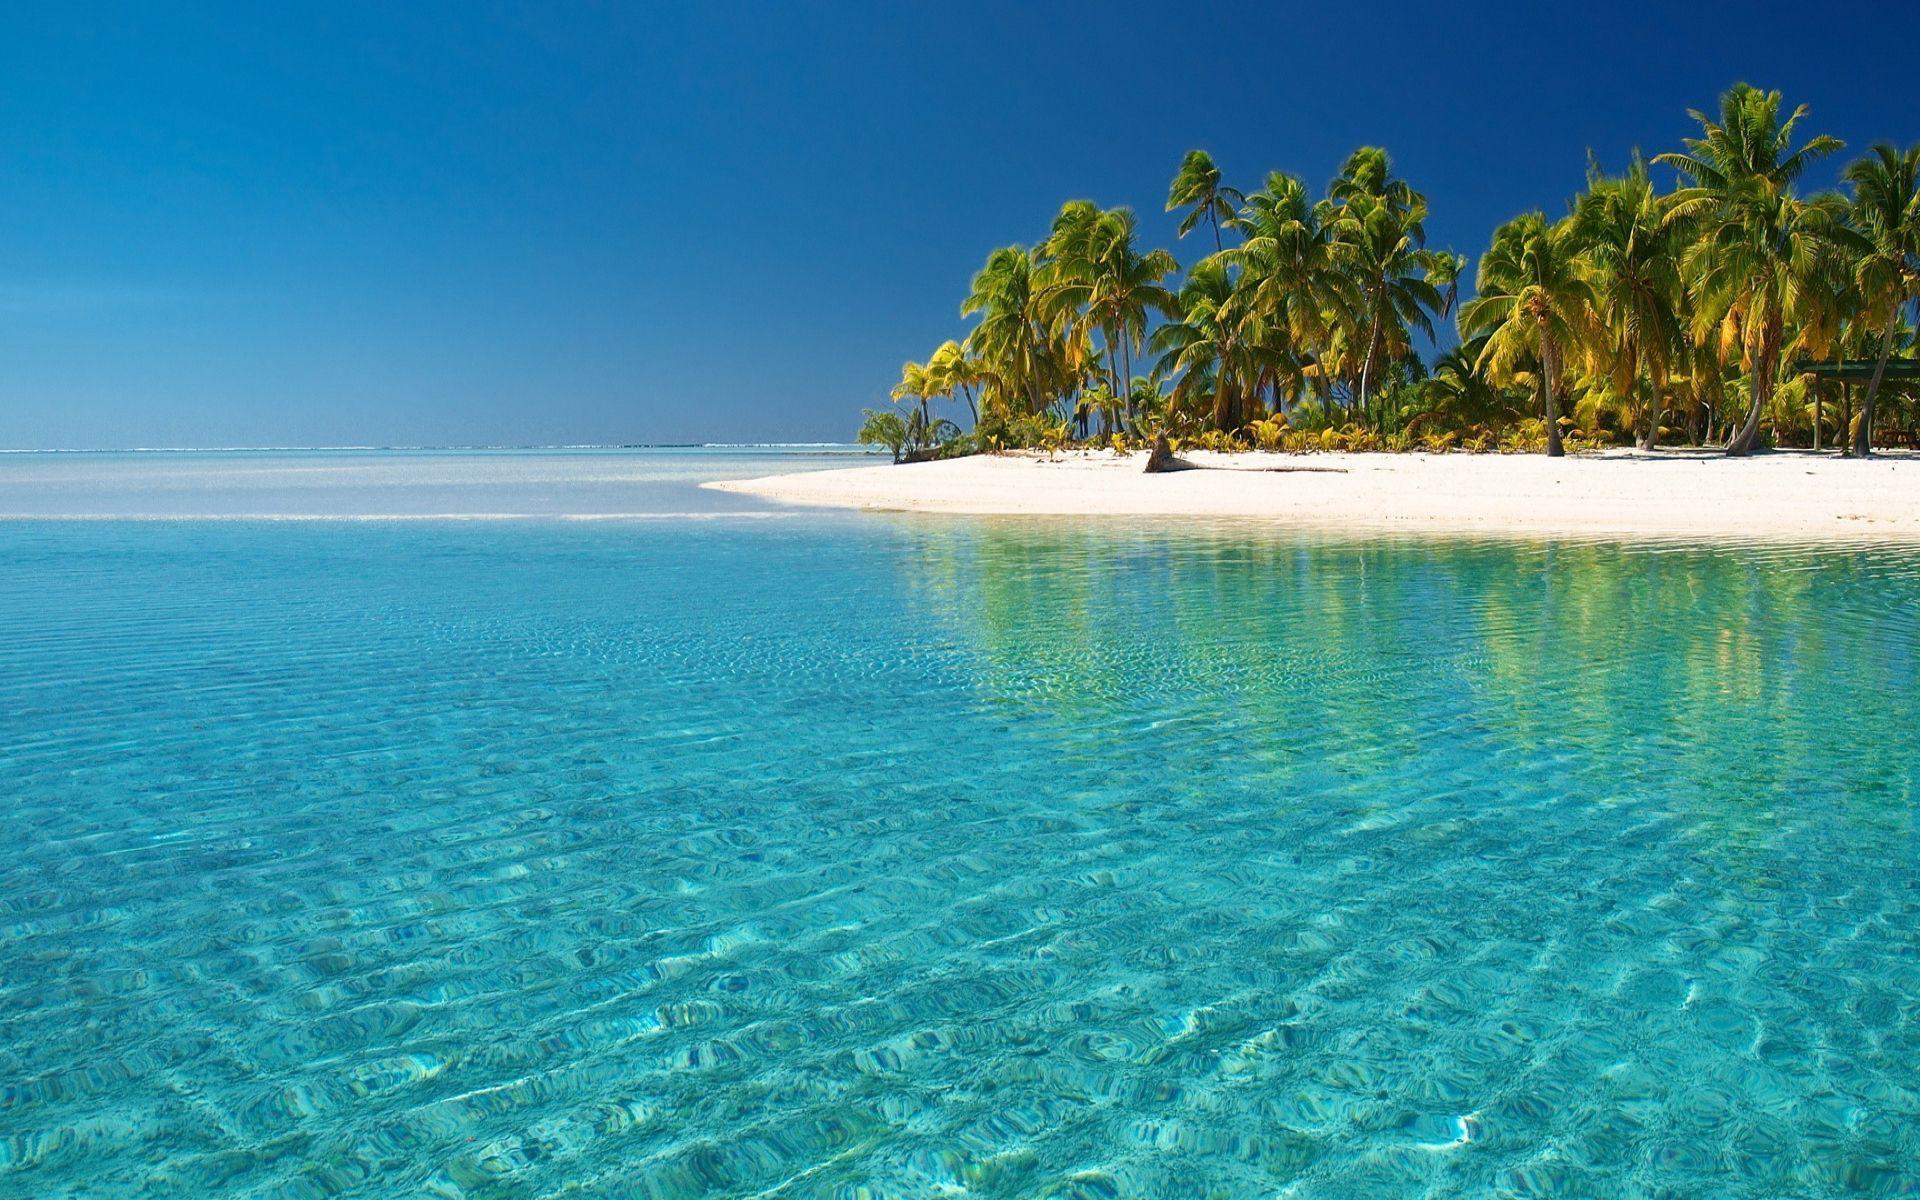 Hình nền máy tính để bàn cho những bãi biển nhiệt đới đẹp nhất 1920x1200 Hình ảnh HD trên All About Beach